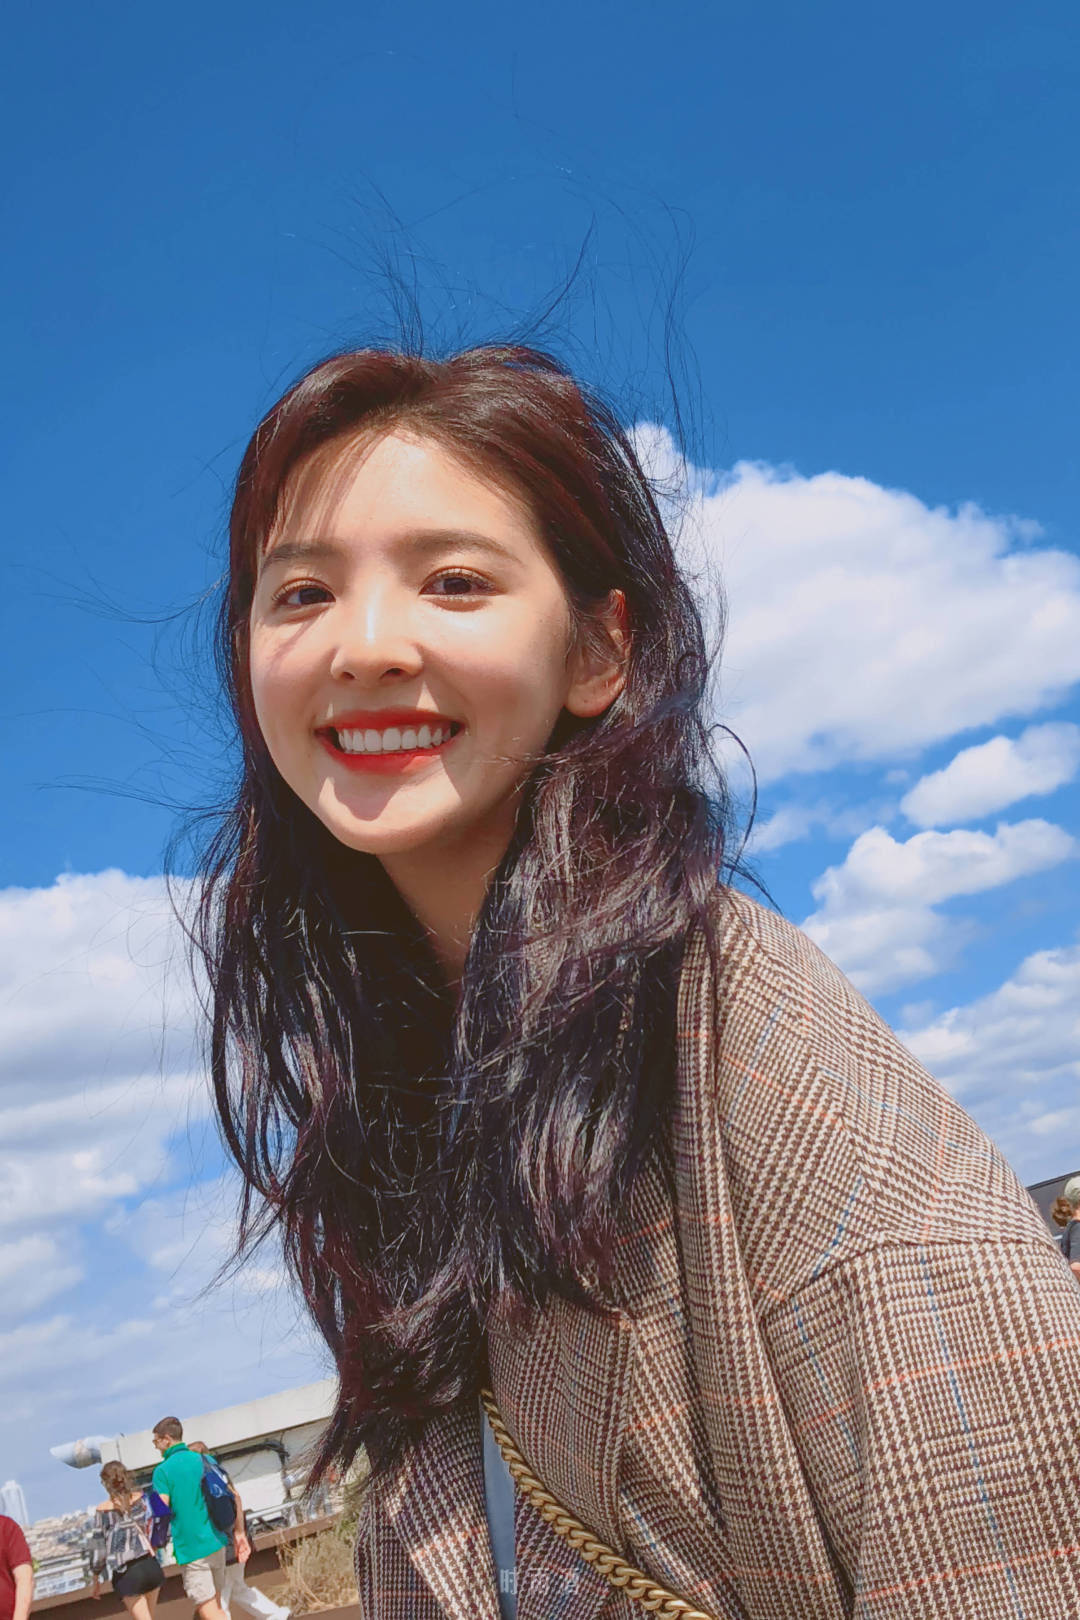 抖音最美小姐姐章若楠高清手机壁纸分享一波 恋爱的感觉